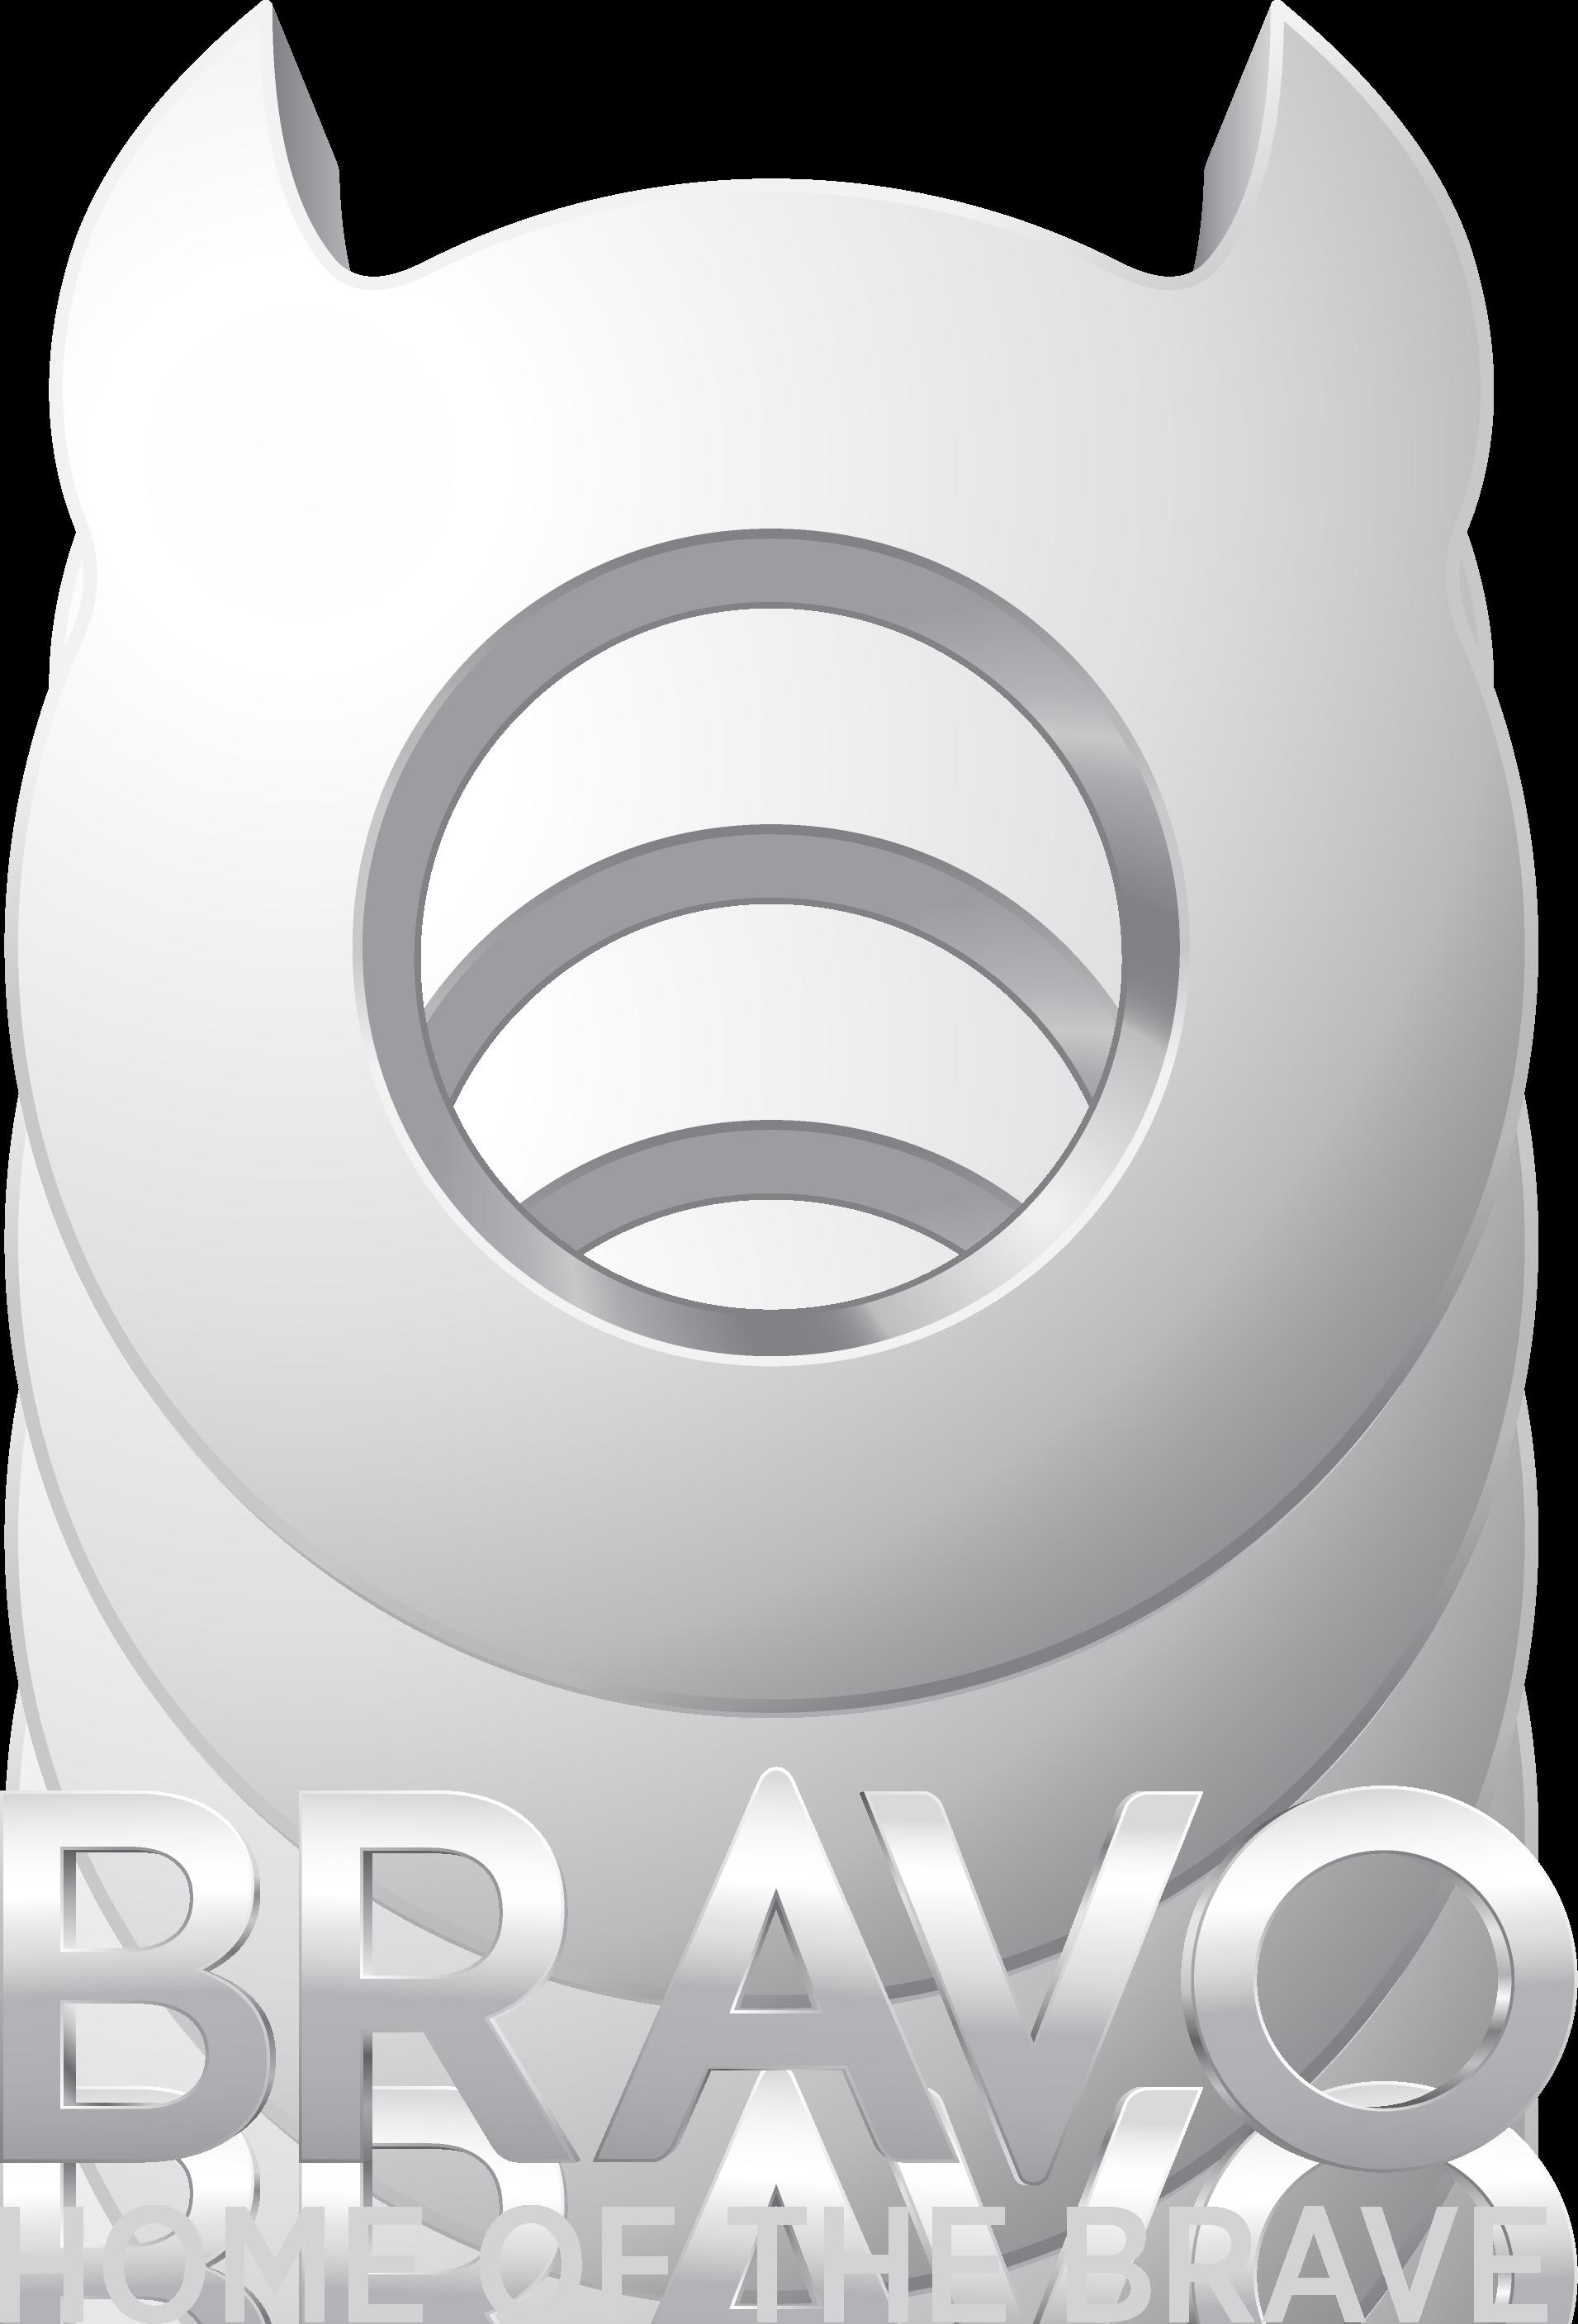 Bravo logo 2010Bravo Logo